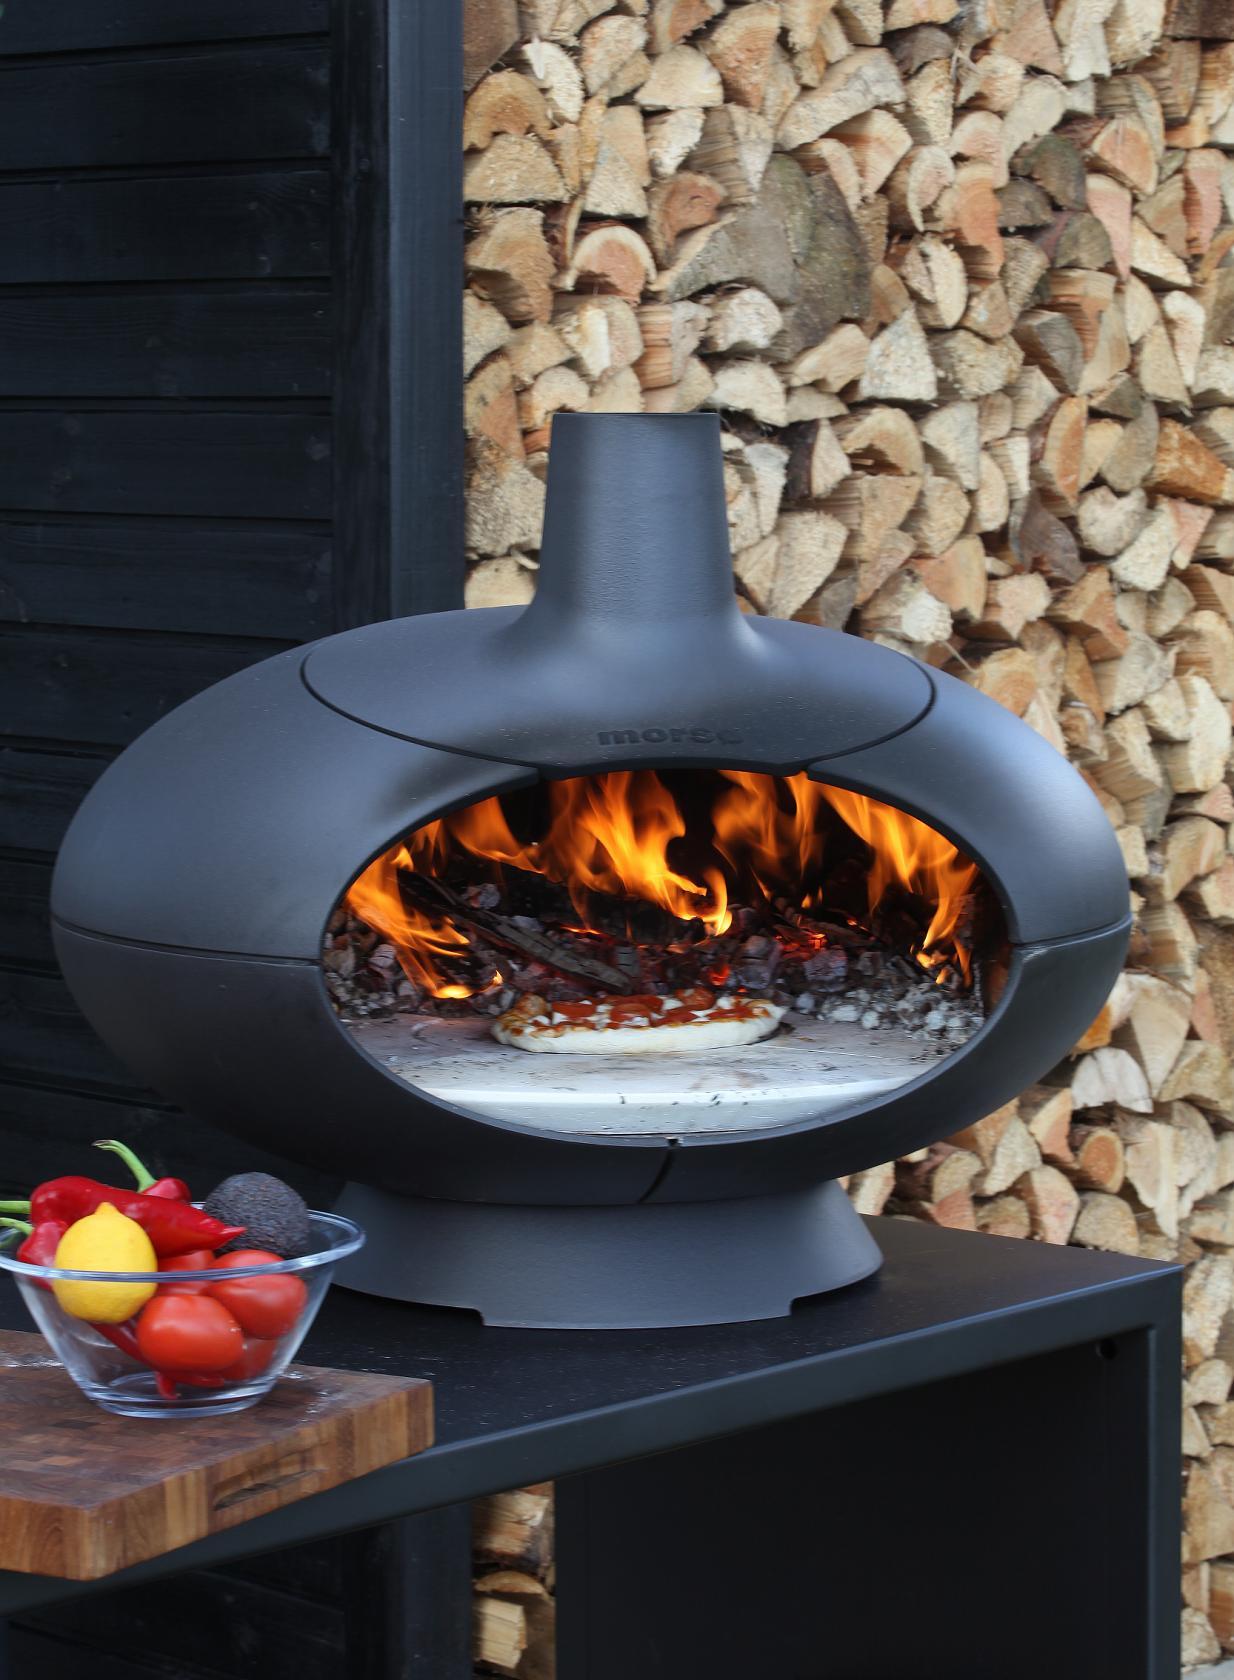 Der Morsø Forno ist Grill und offener Backofen in einem. Die Form des Ofeninneren ist einem italienischen Steinofen nachempfunden, das bietet ausreichend Platz zum Zubereiten der Speisen. Die gleichbleibende Wärmestrahlung…